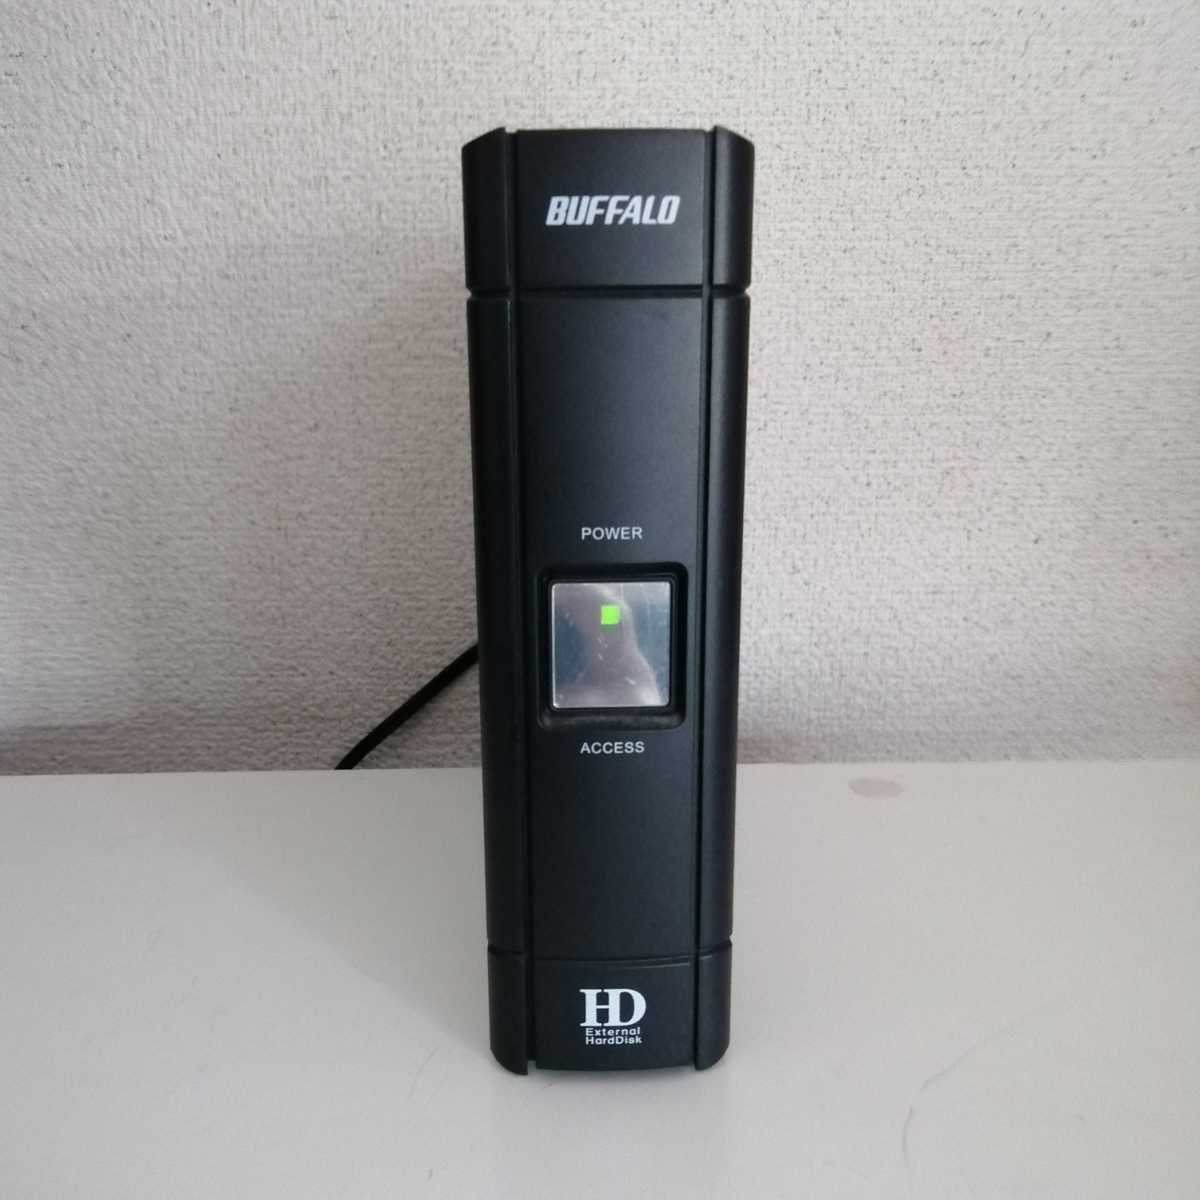 【訳あり】BUFFALO HD-HESU2 外付けハードディスク USB2.0 _画像3